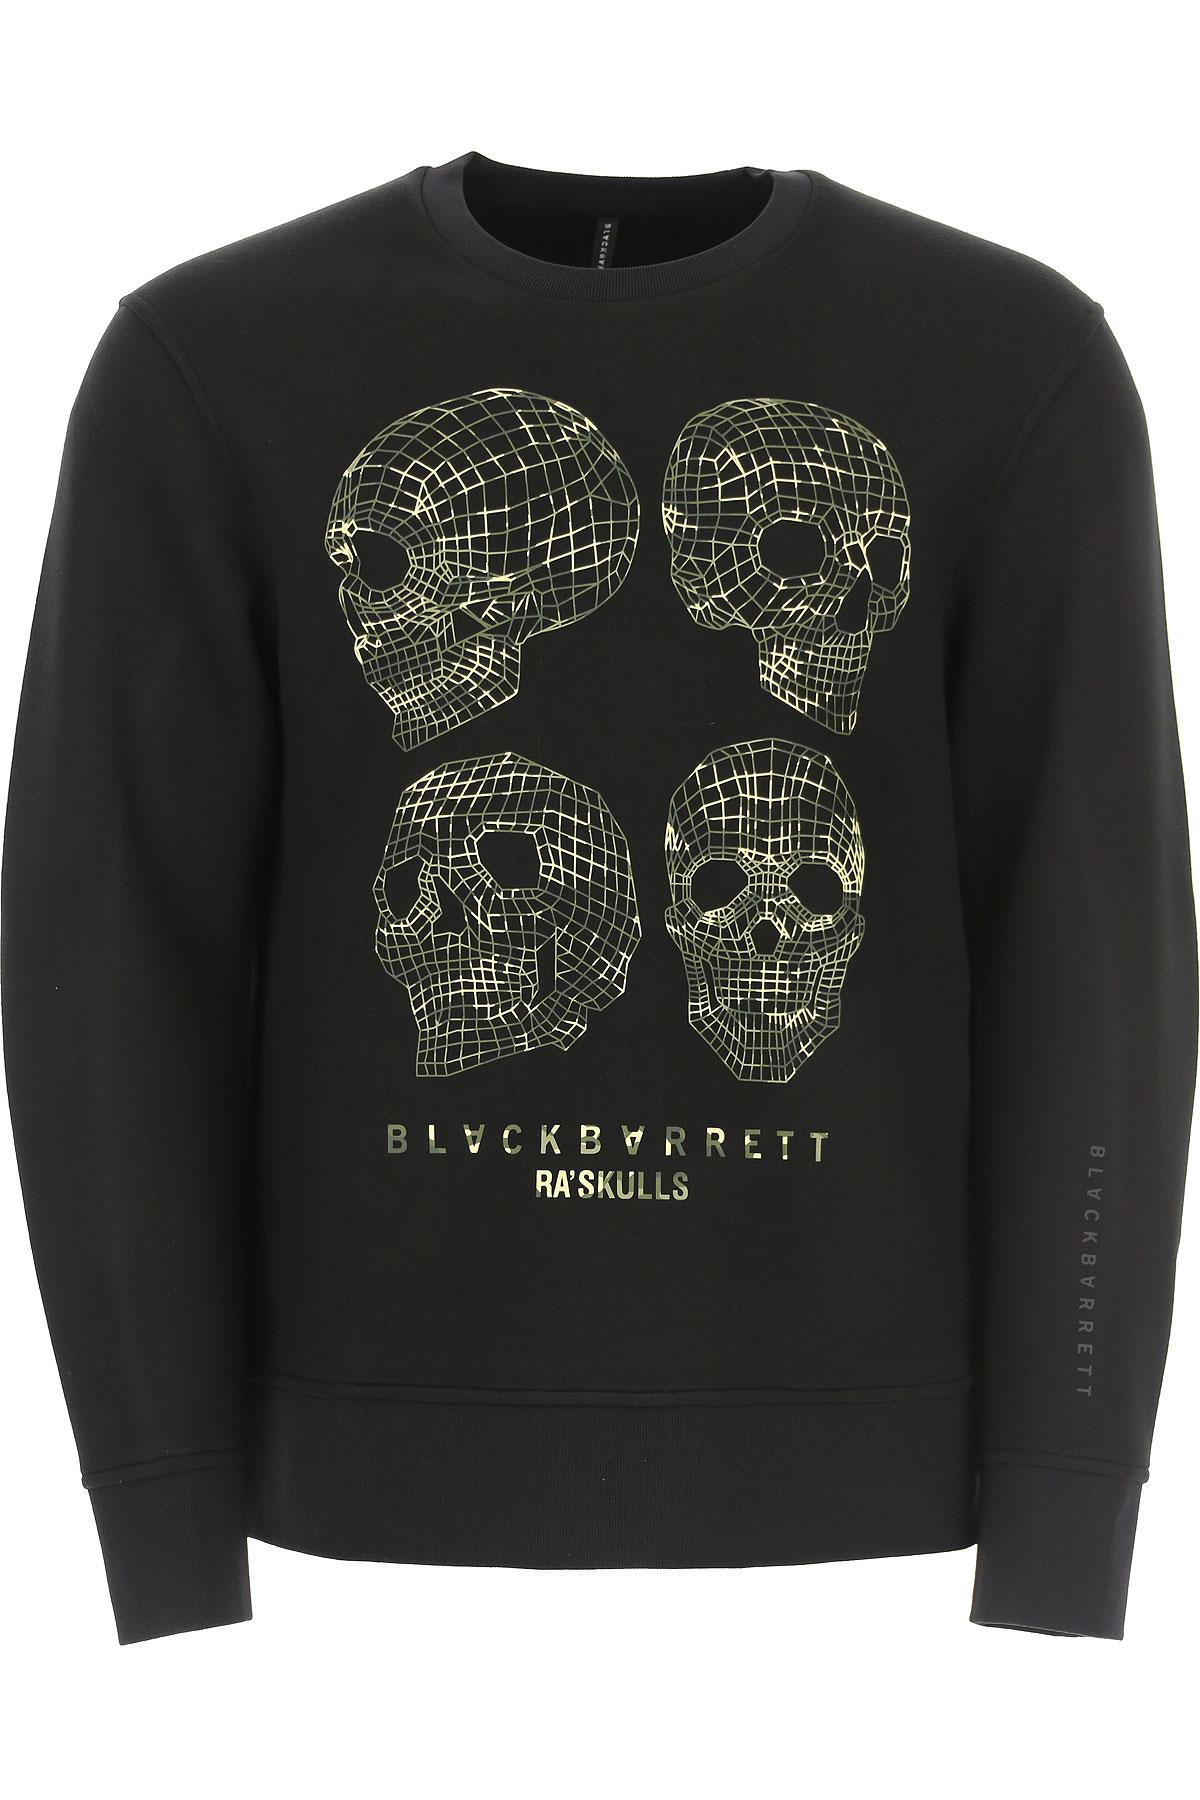 BlackBarrett Sweatshirt for Men On Sale, Black, Rayon, 2019, L M S XL